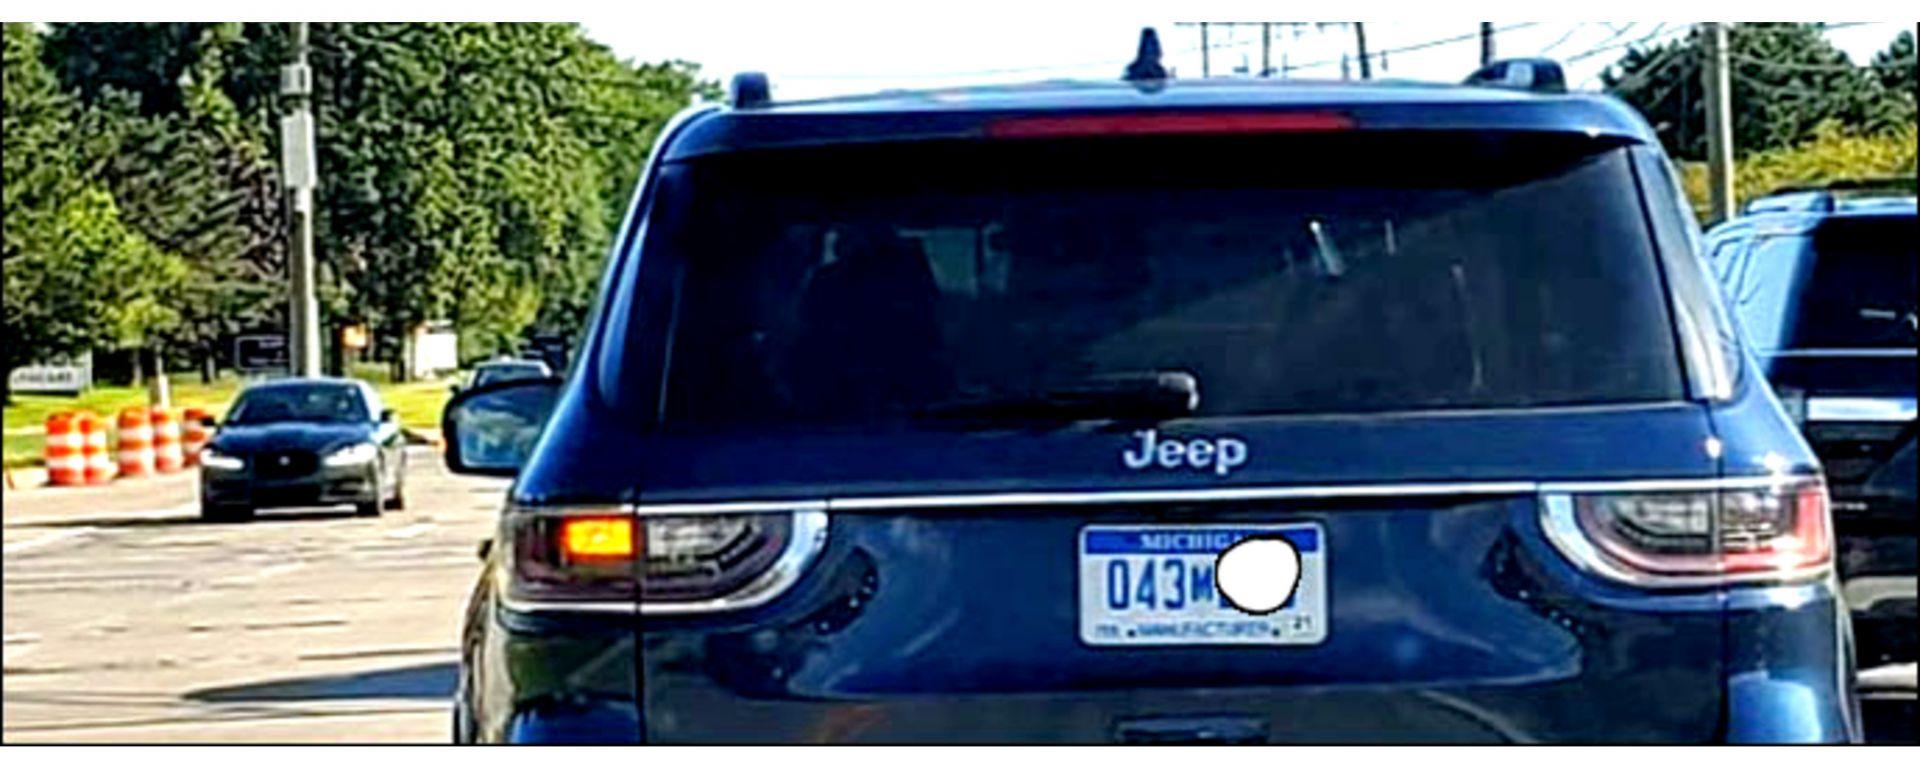 Wagoneer 2020: è questa l'erede dell'iconica Jeep?